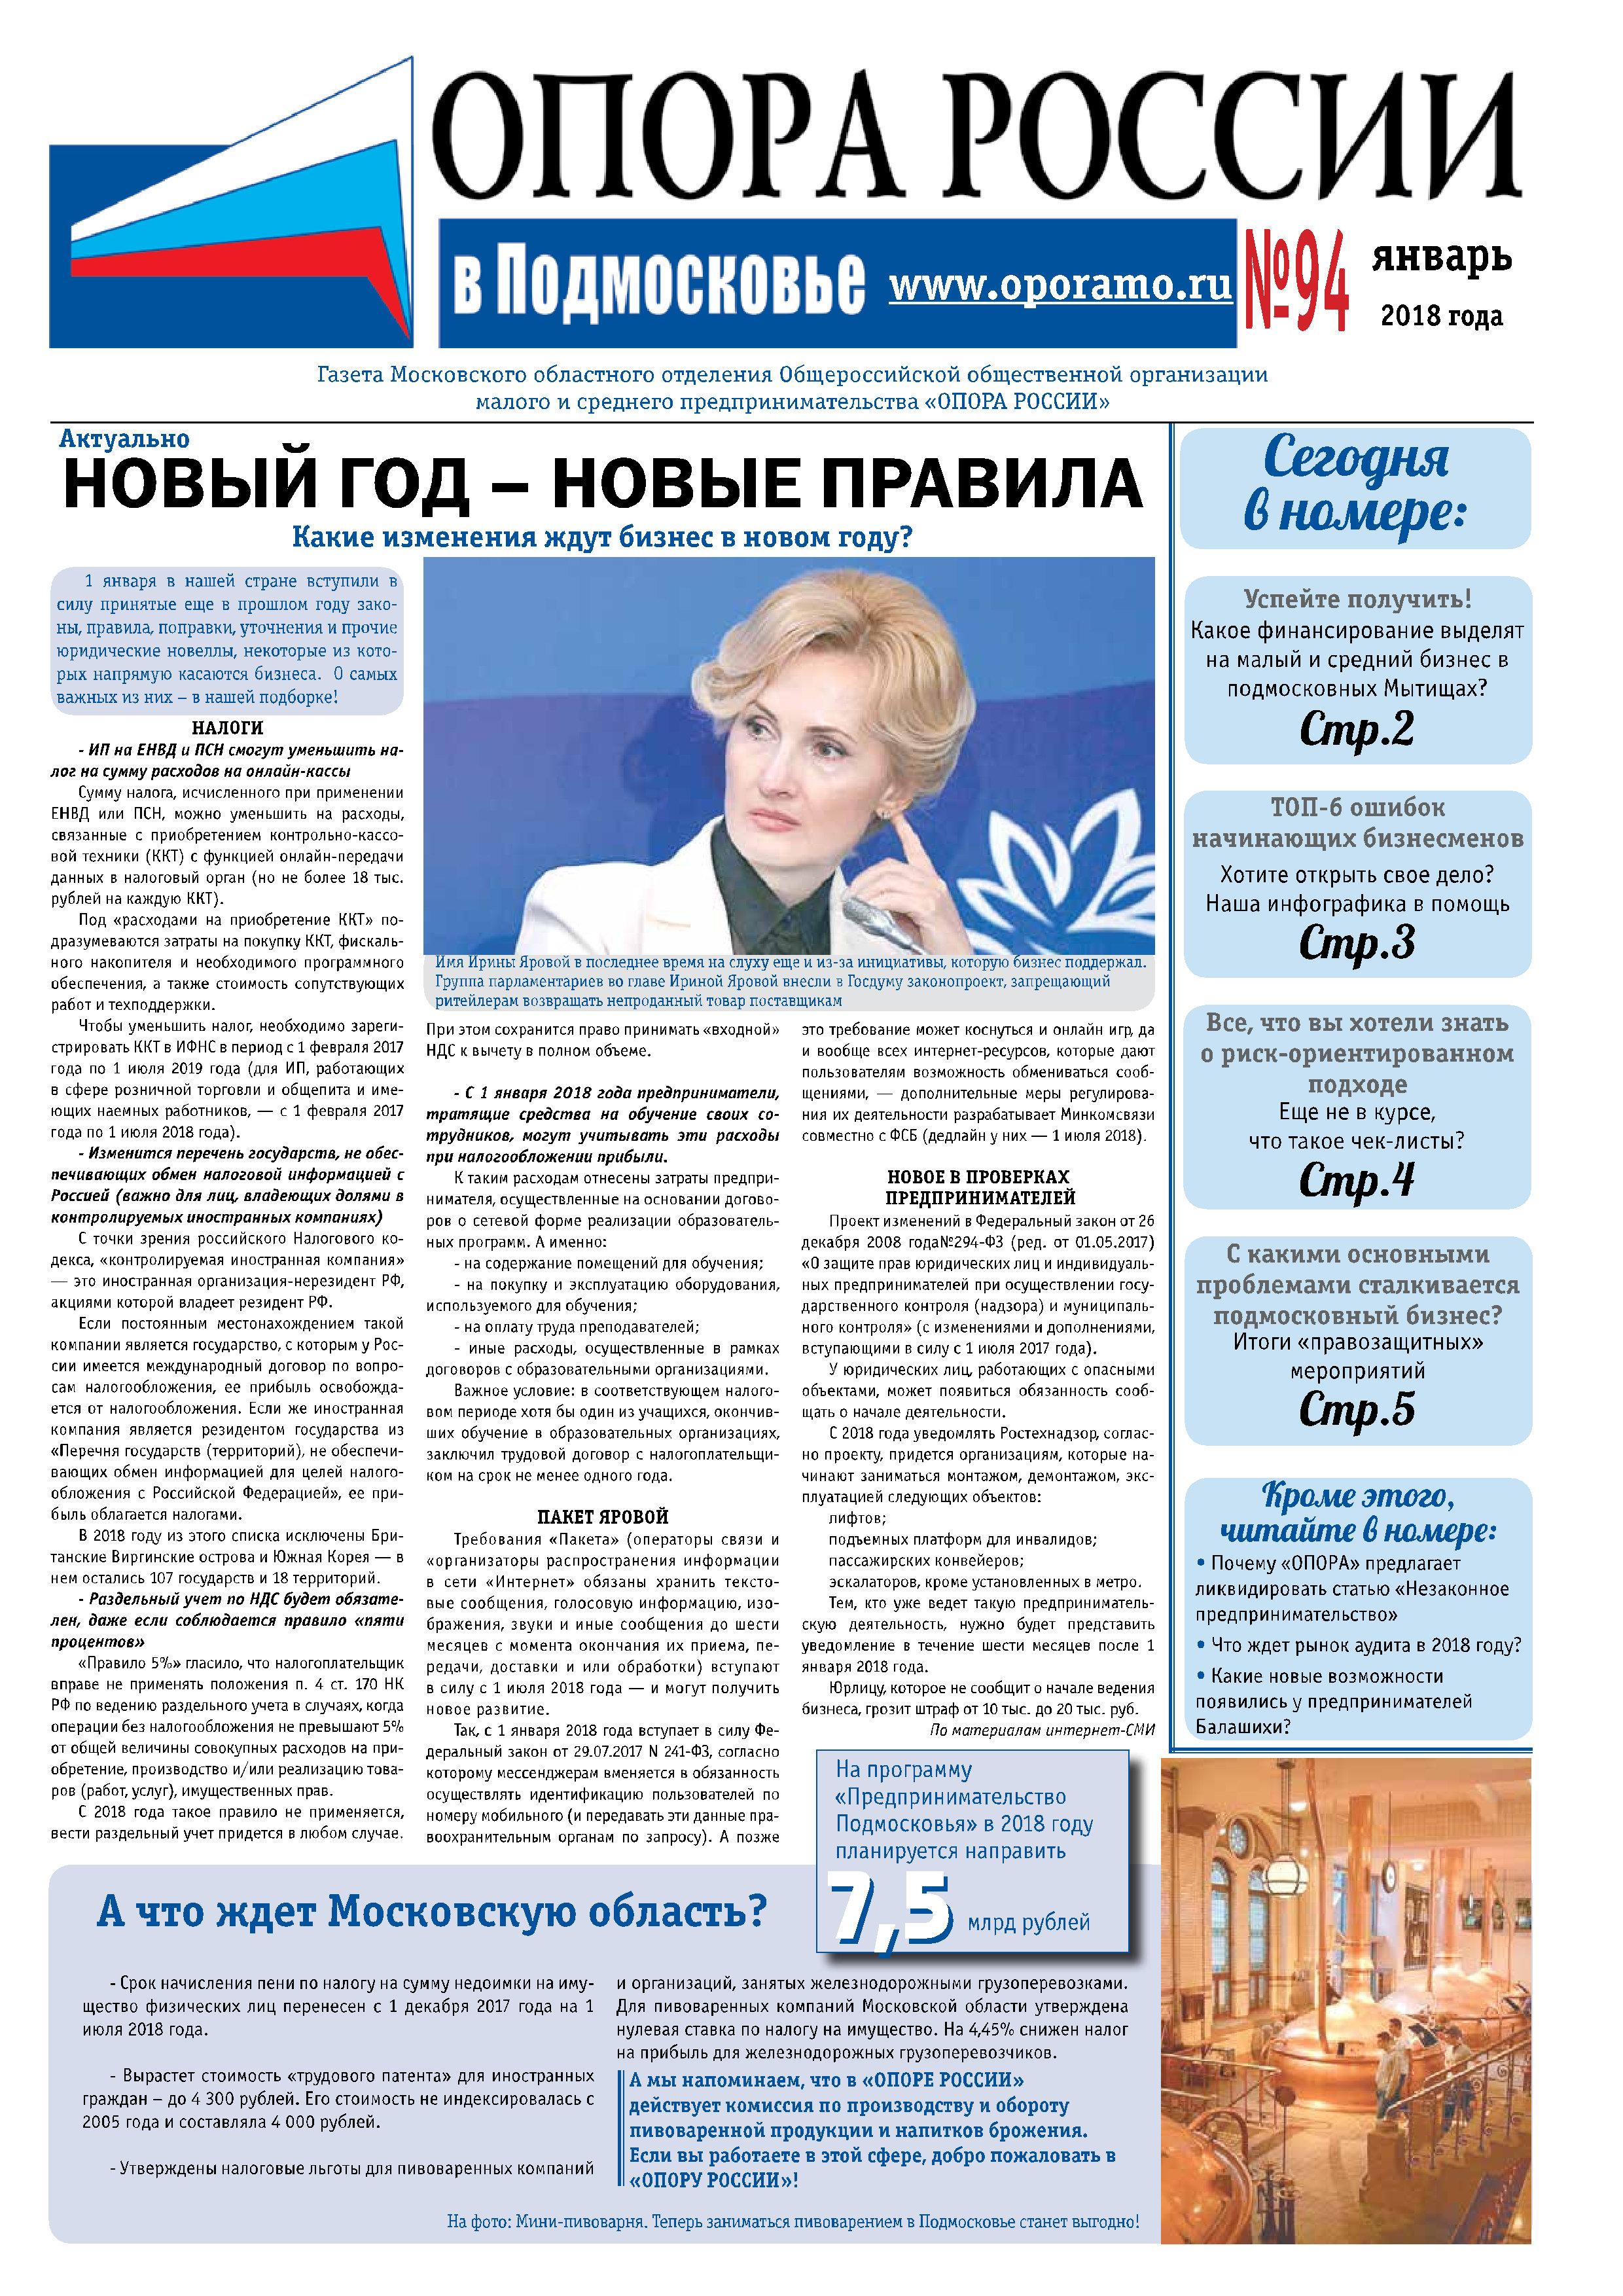 «ОПОРА РОССИИ в Подмосковье» № 94